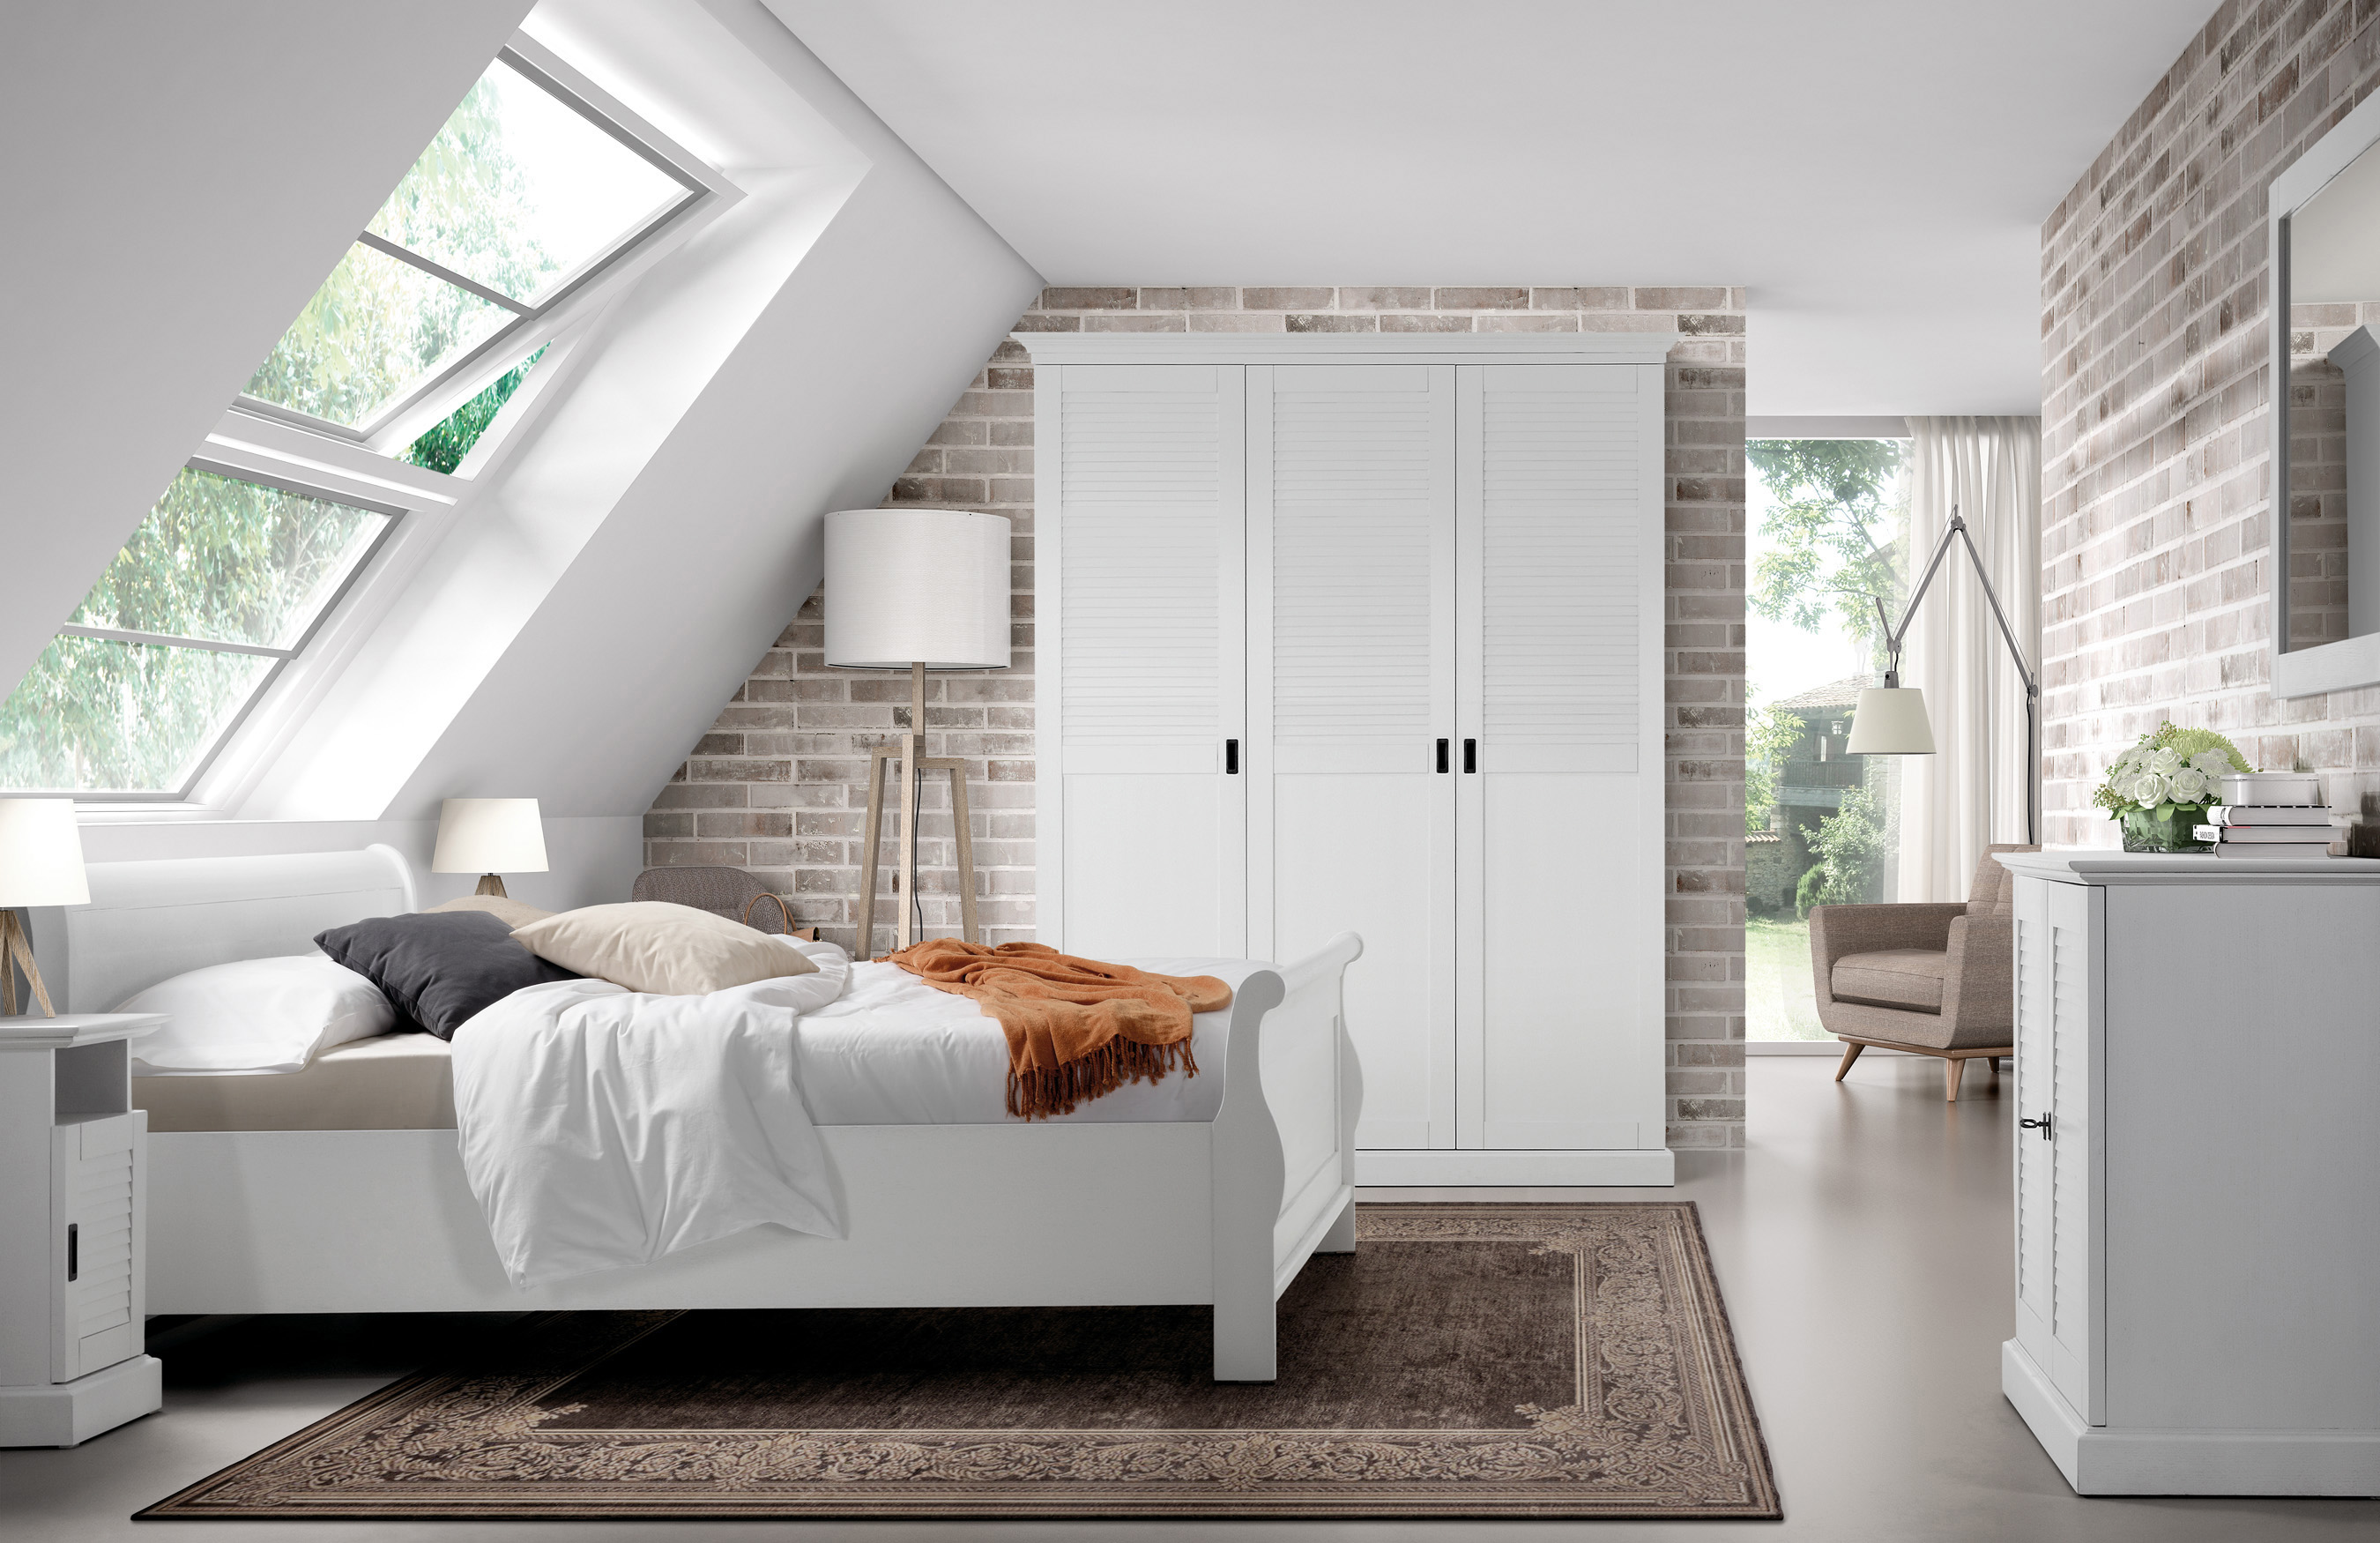 Slaapkamer Classico - Collectie | kasten tafels bedden fauteuils ...